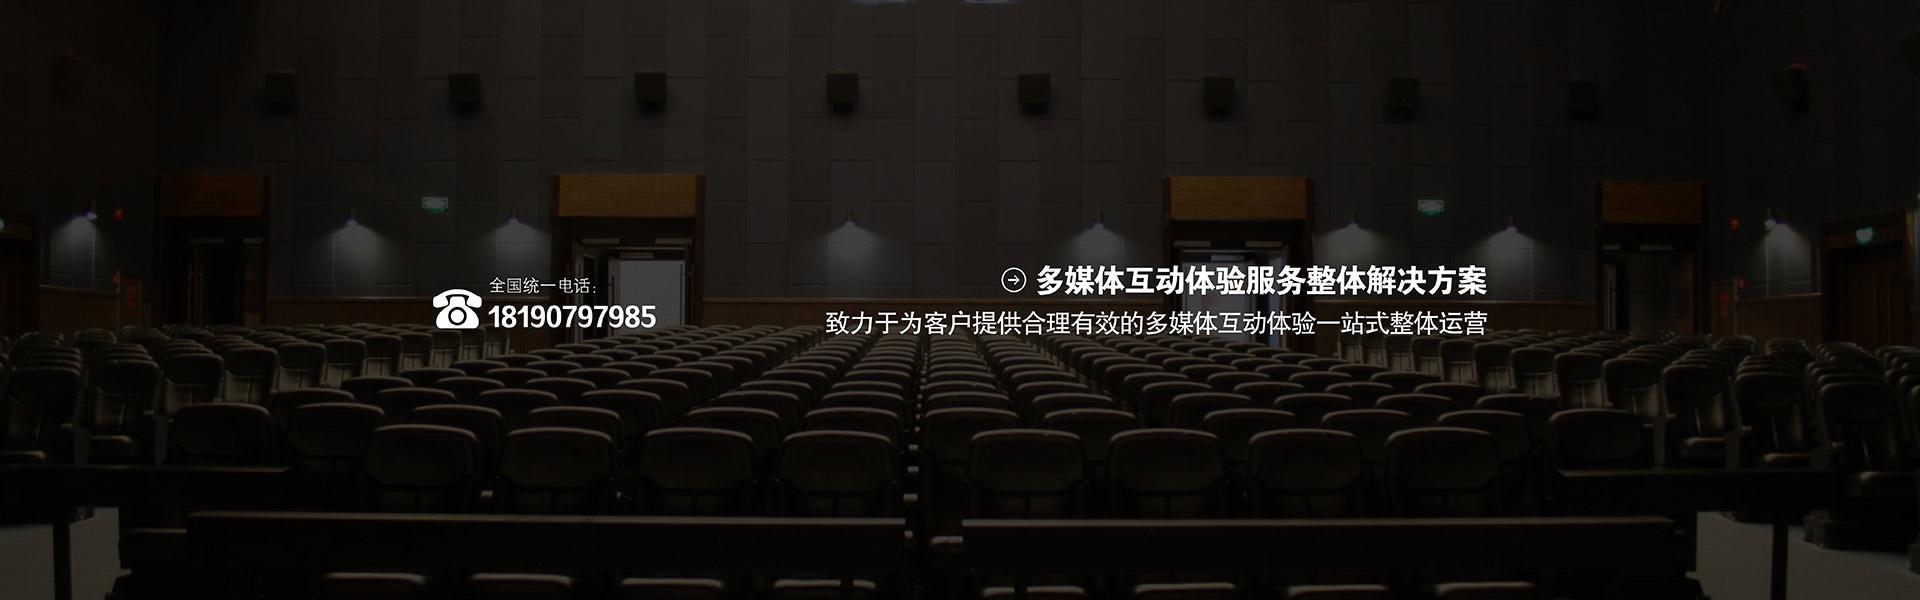 高平安全体验时空穿梭机高平安全体验模拟灭火设备高平安全体验VR漫游高平安全体验VR实感模拟射击高平安全体验法制教育馆整体方案